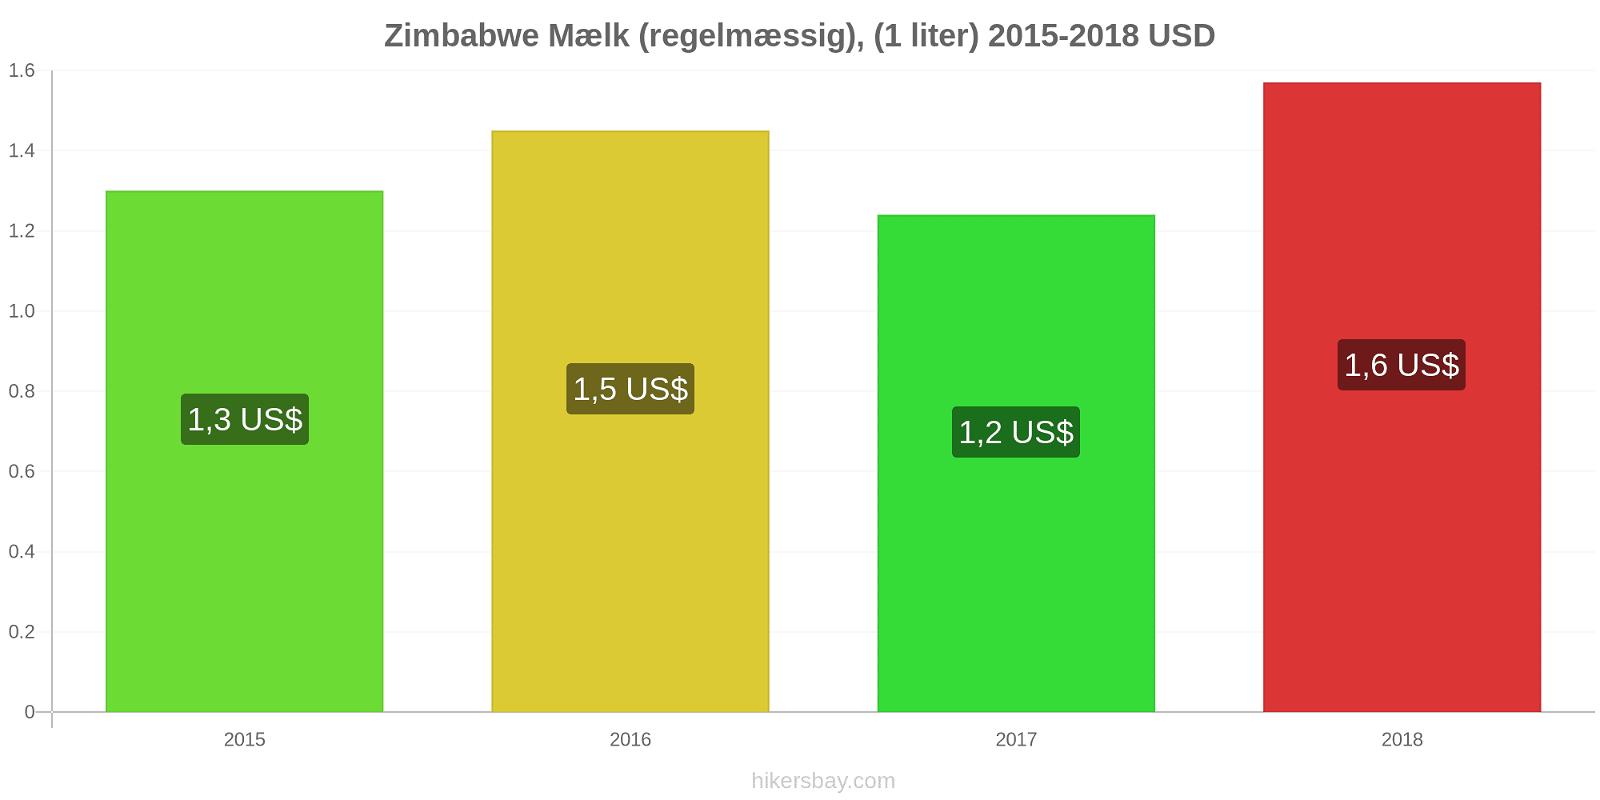 Zimbabwe prisændringer Mælk (regelmæssig), (1 liter) hikersbay.com